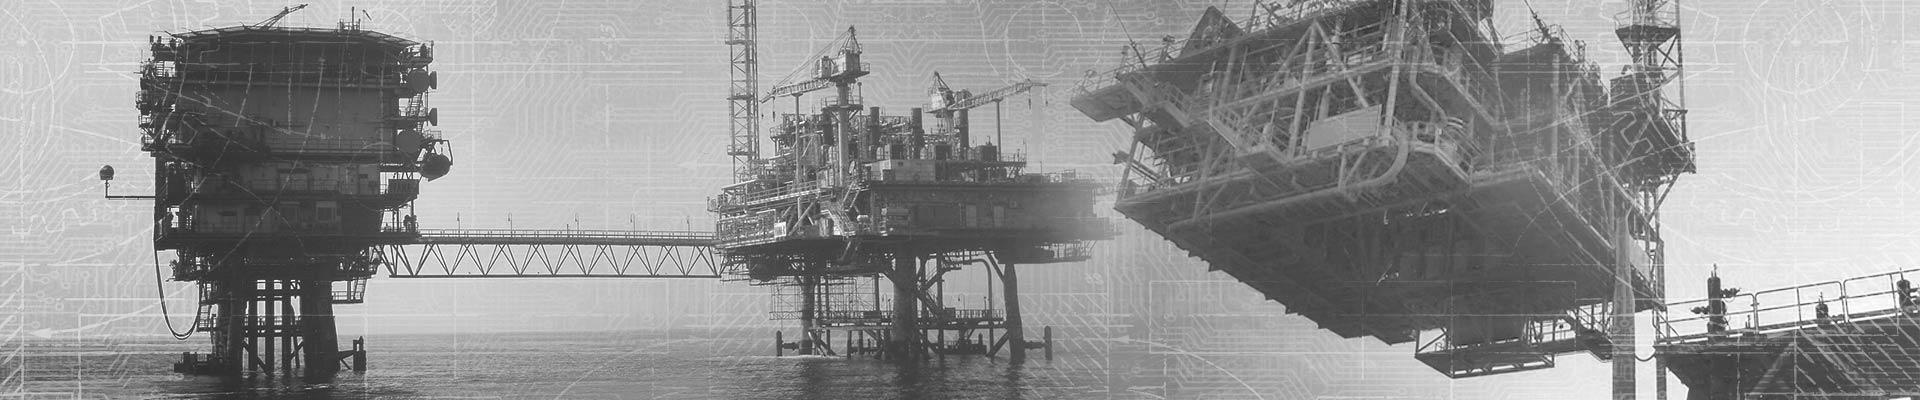 slider-industrija-offshore